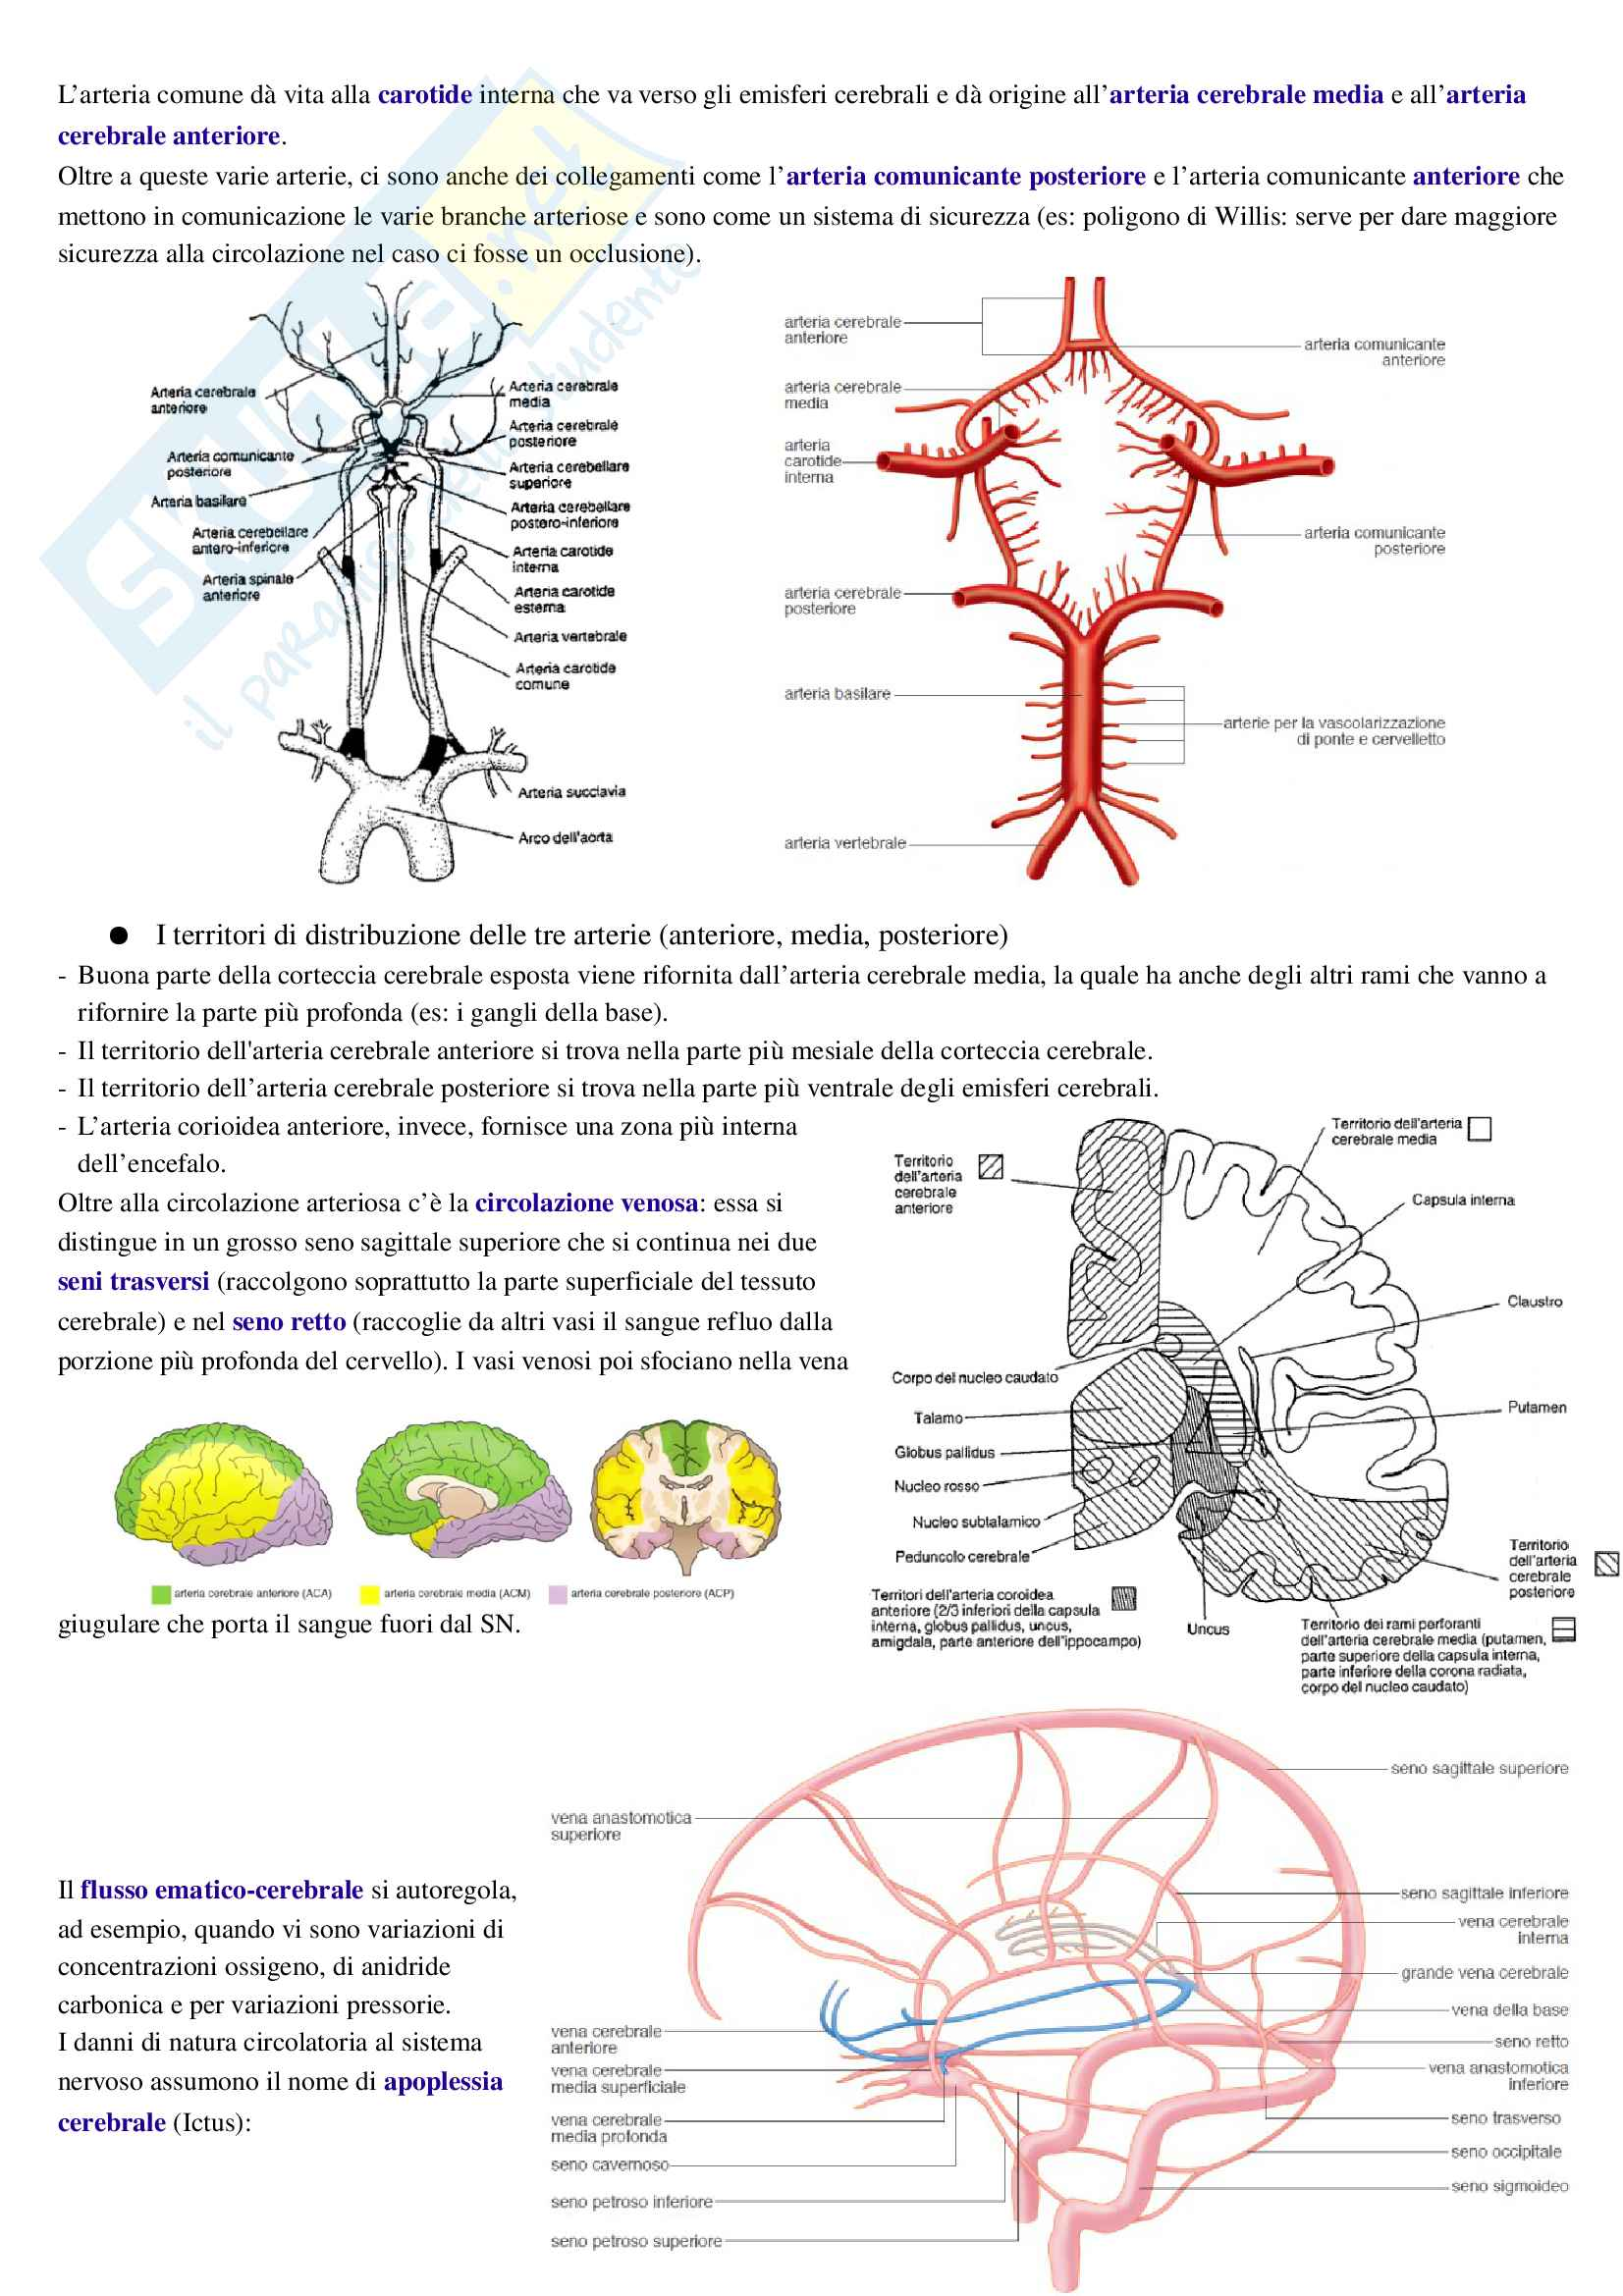 Esame di Neuroscienze (Fisiologia e Anatomia) 2016/2017 - Appunti intero corso - Prof. FOGASSI e BONINI Pag. 21